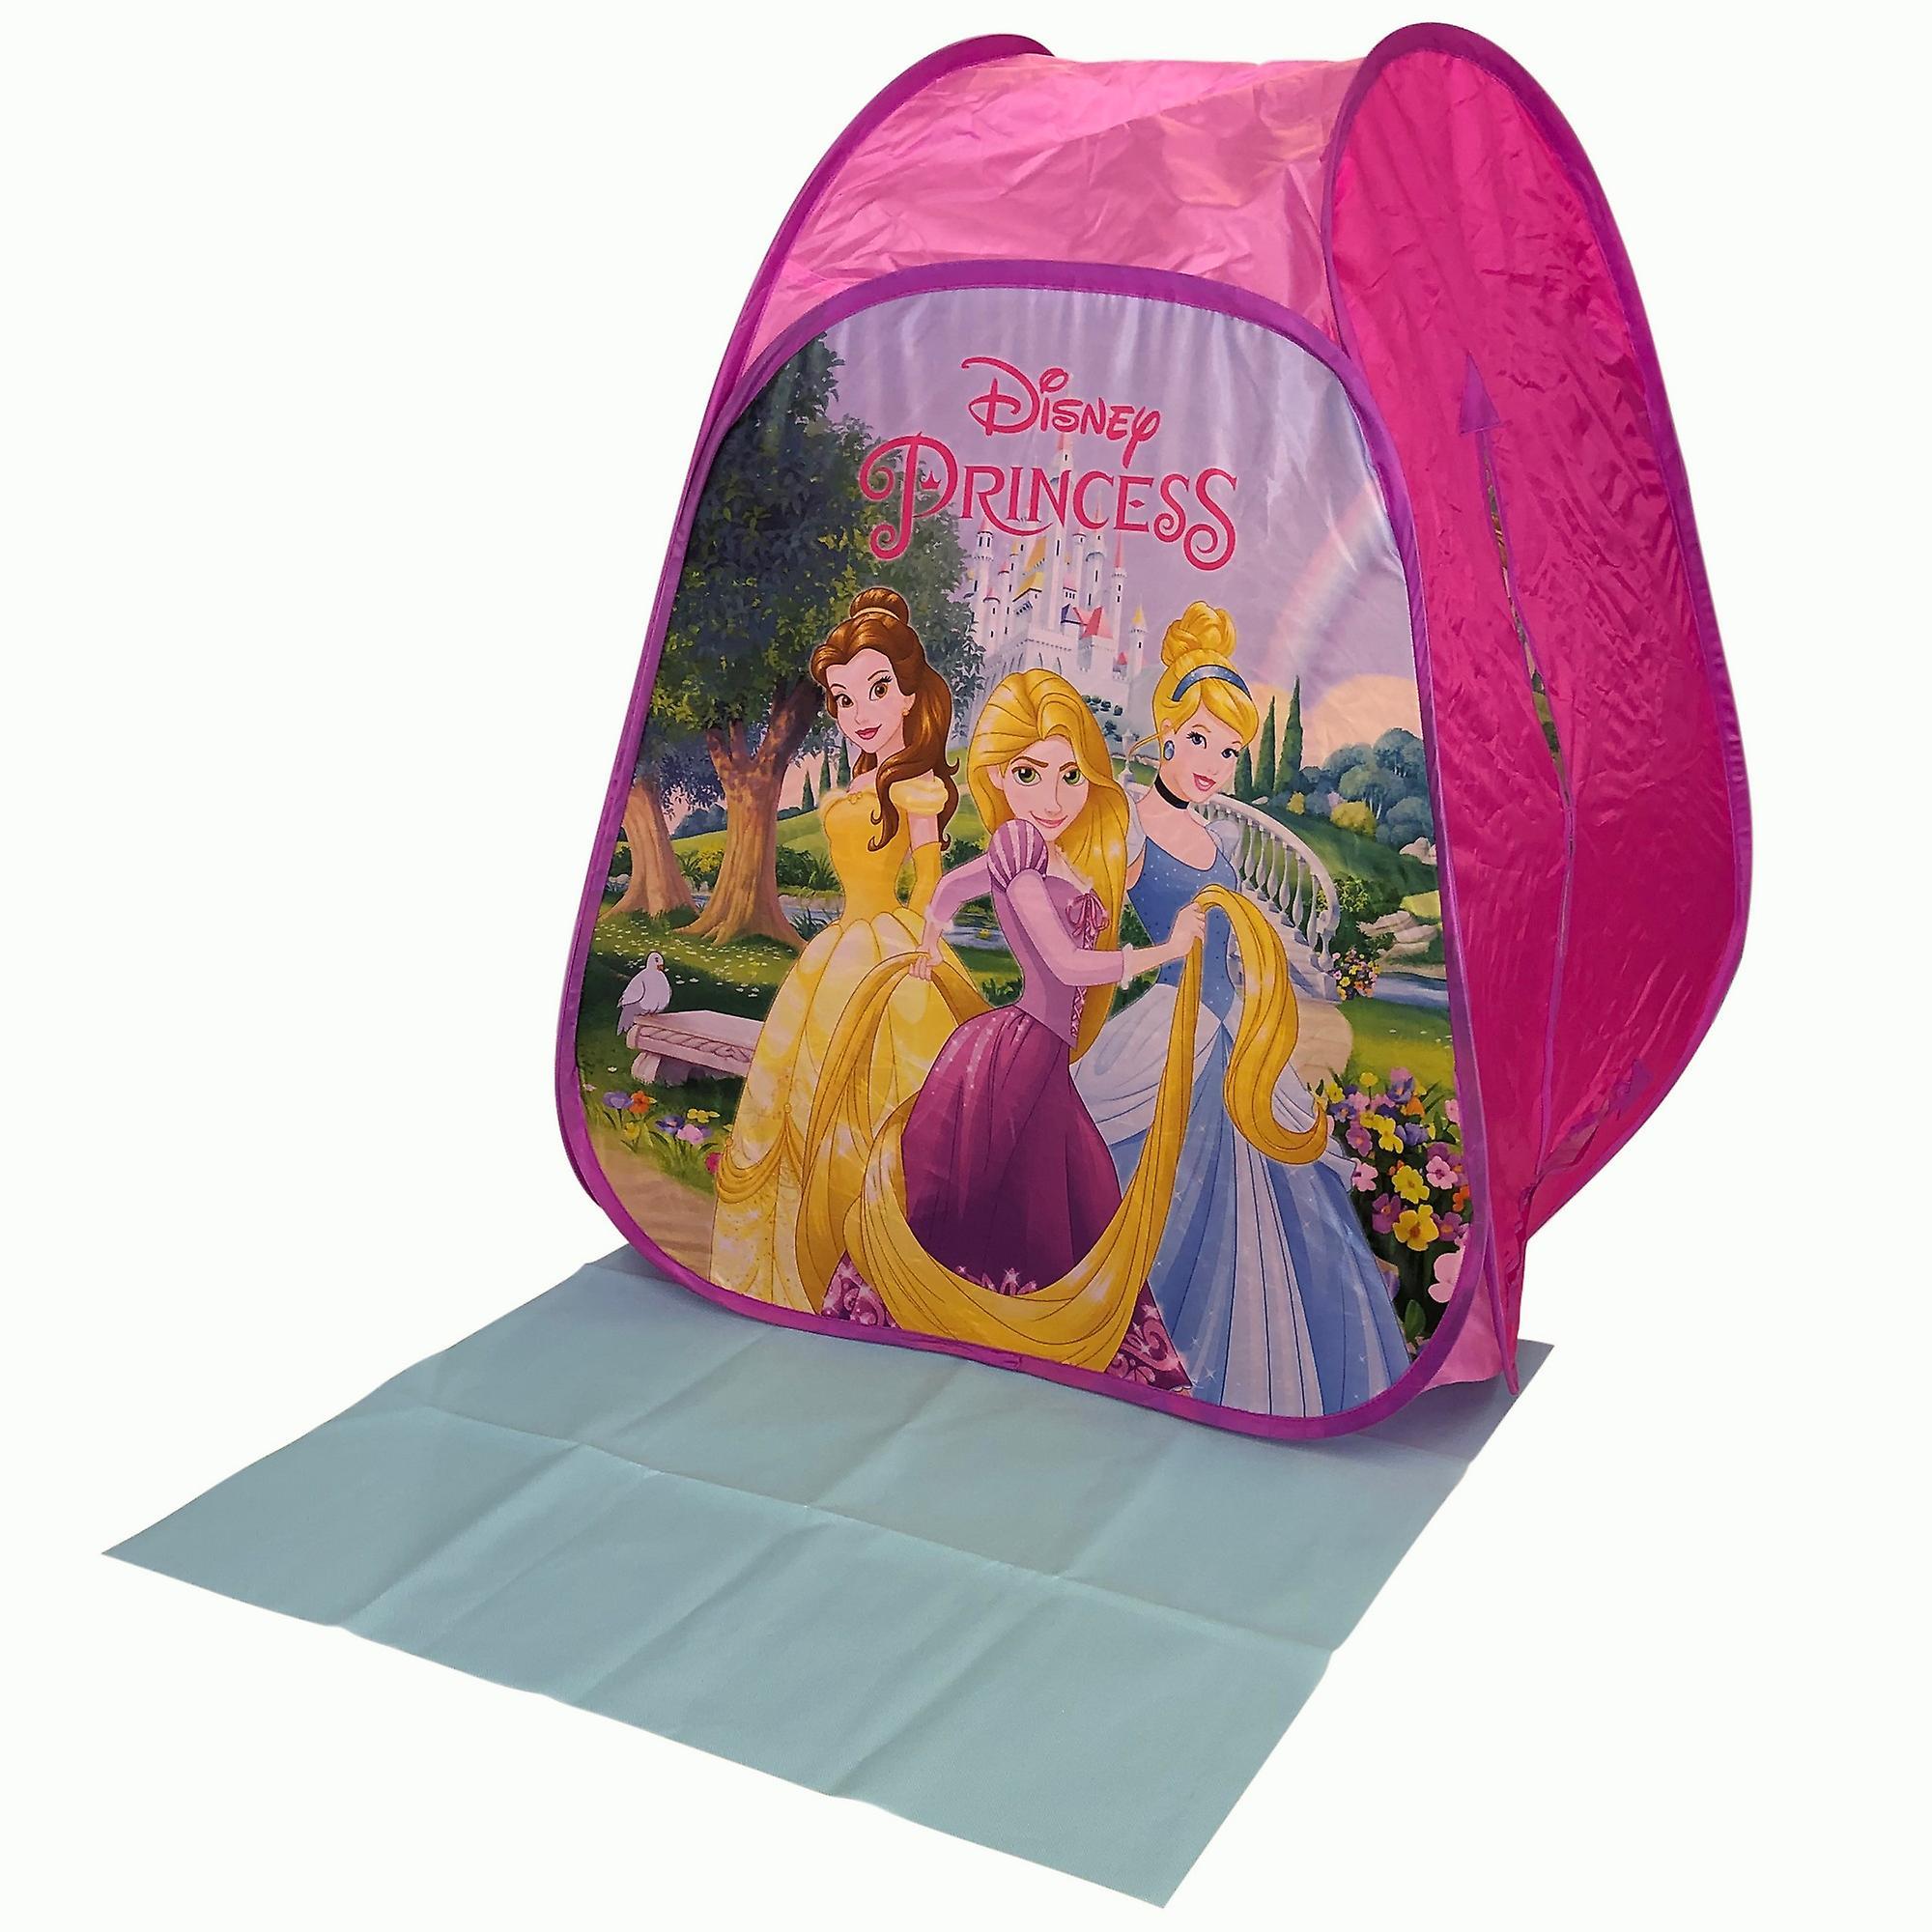 Disney Princess Childrens/Kids Pop Up Play Tent